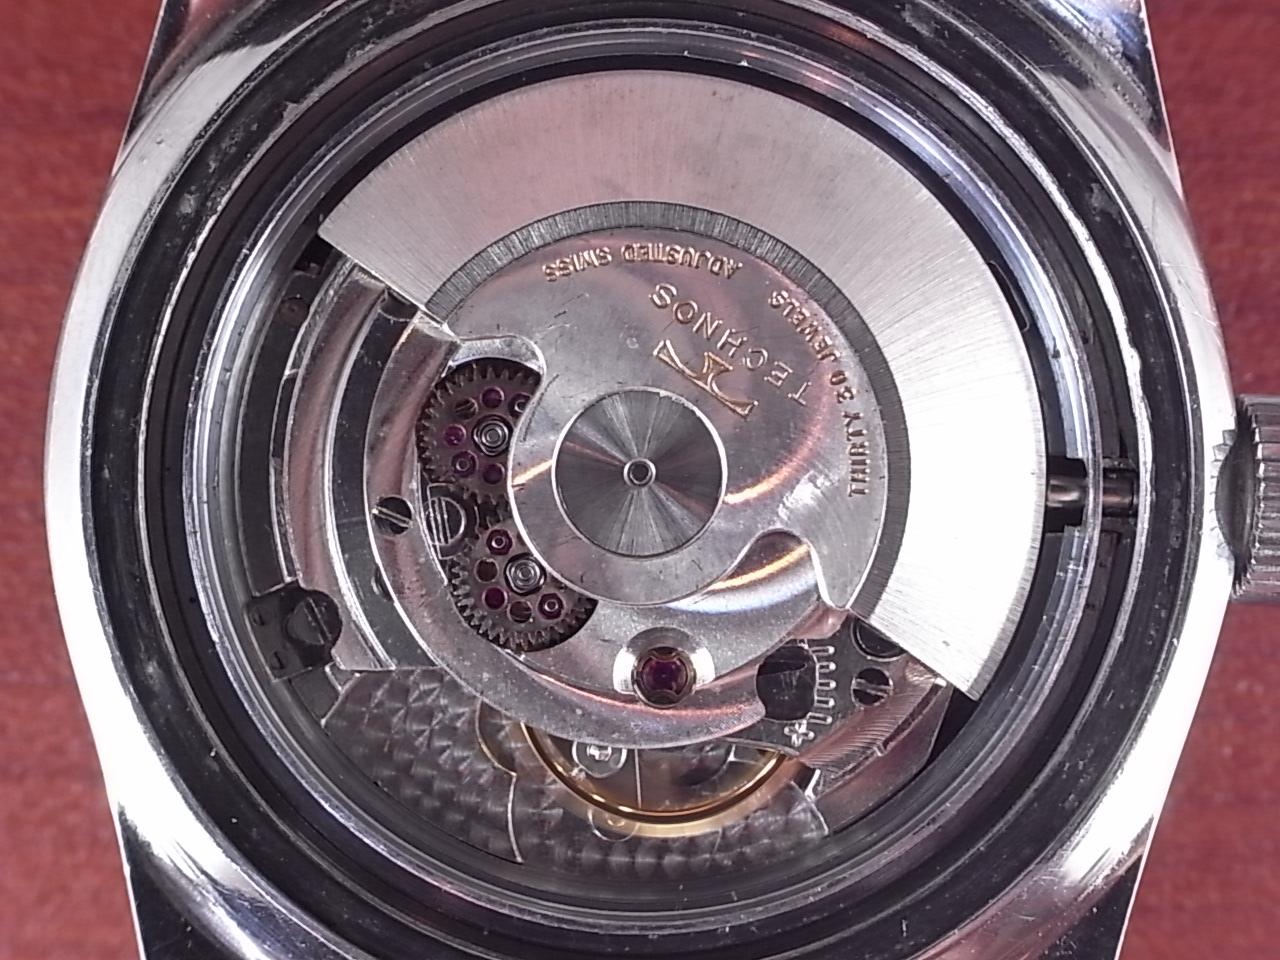 テクノス スカイダイバー 30JEWEL 尾錠・BOX付 1960年代の写真5枚目